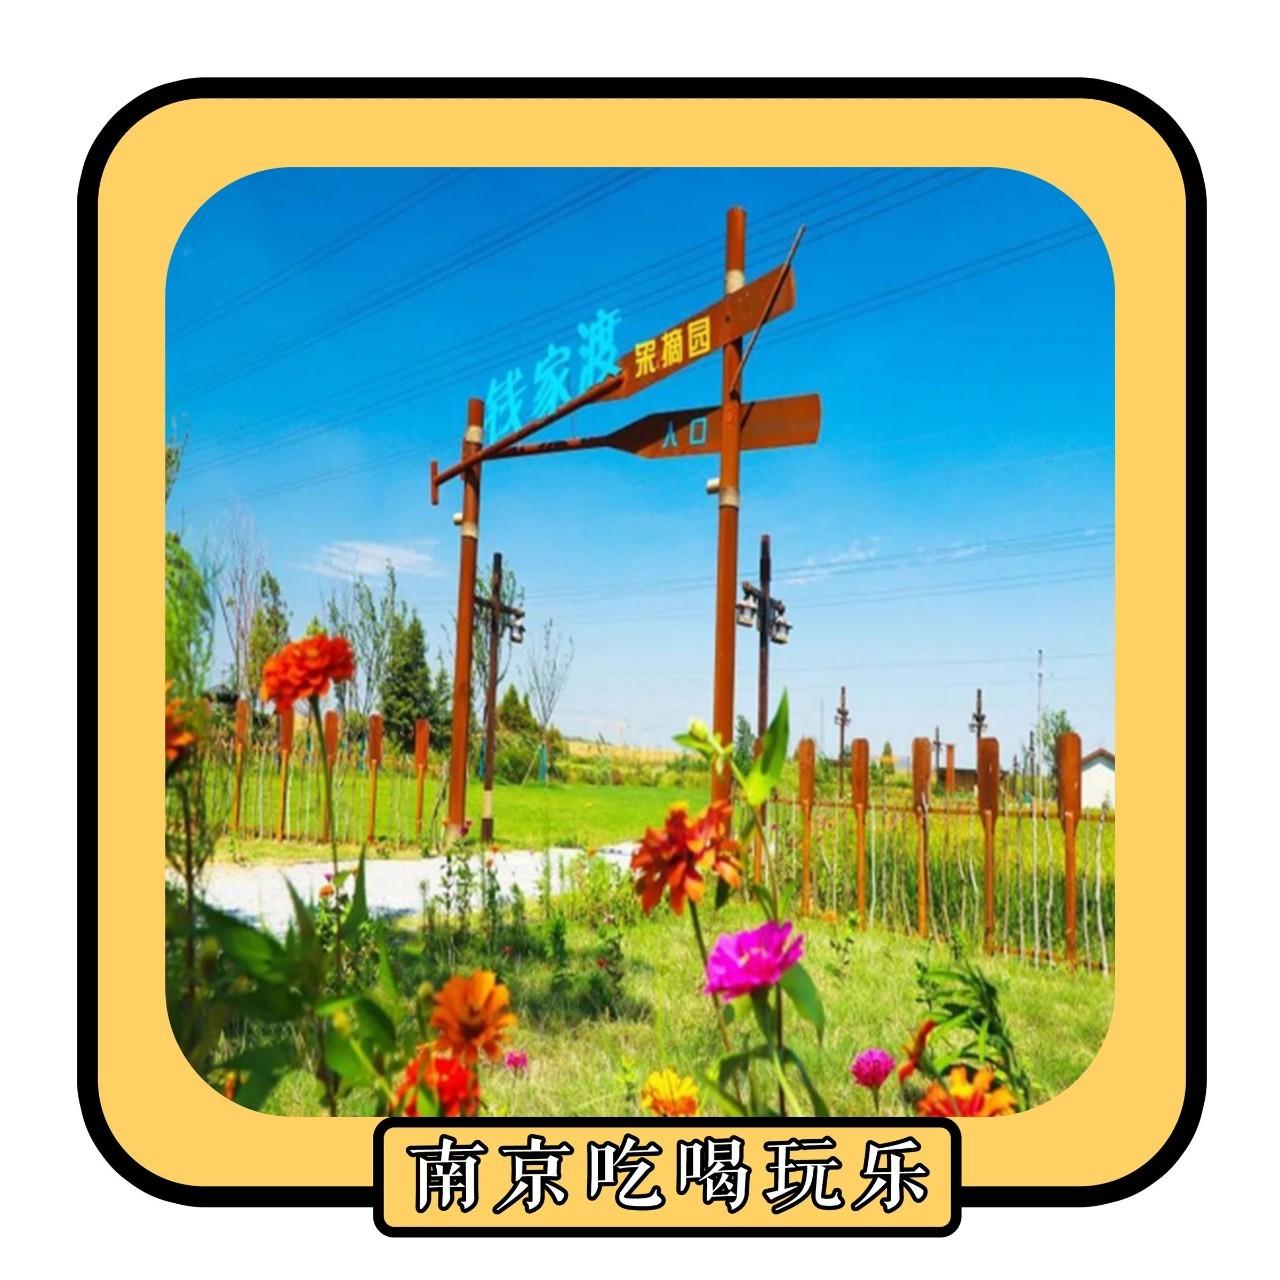 粉黛乱子、格桑花海!10月南京最值得去的地方,千万别辜负大好时光!